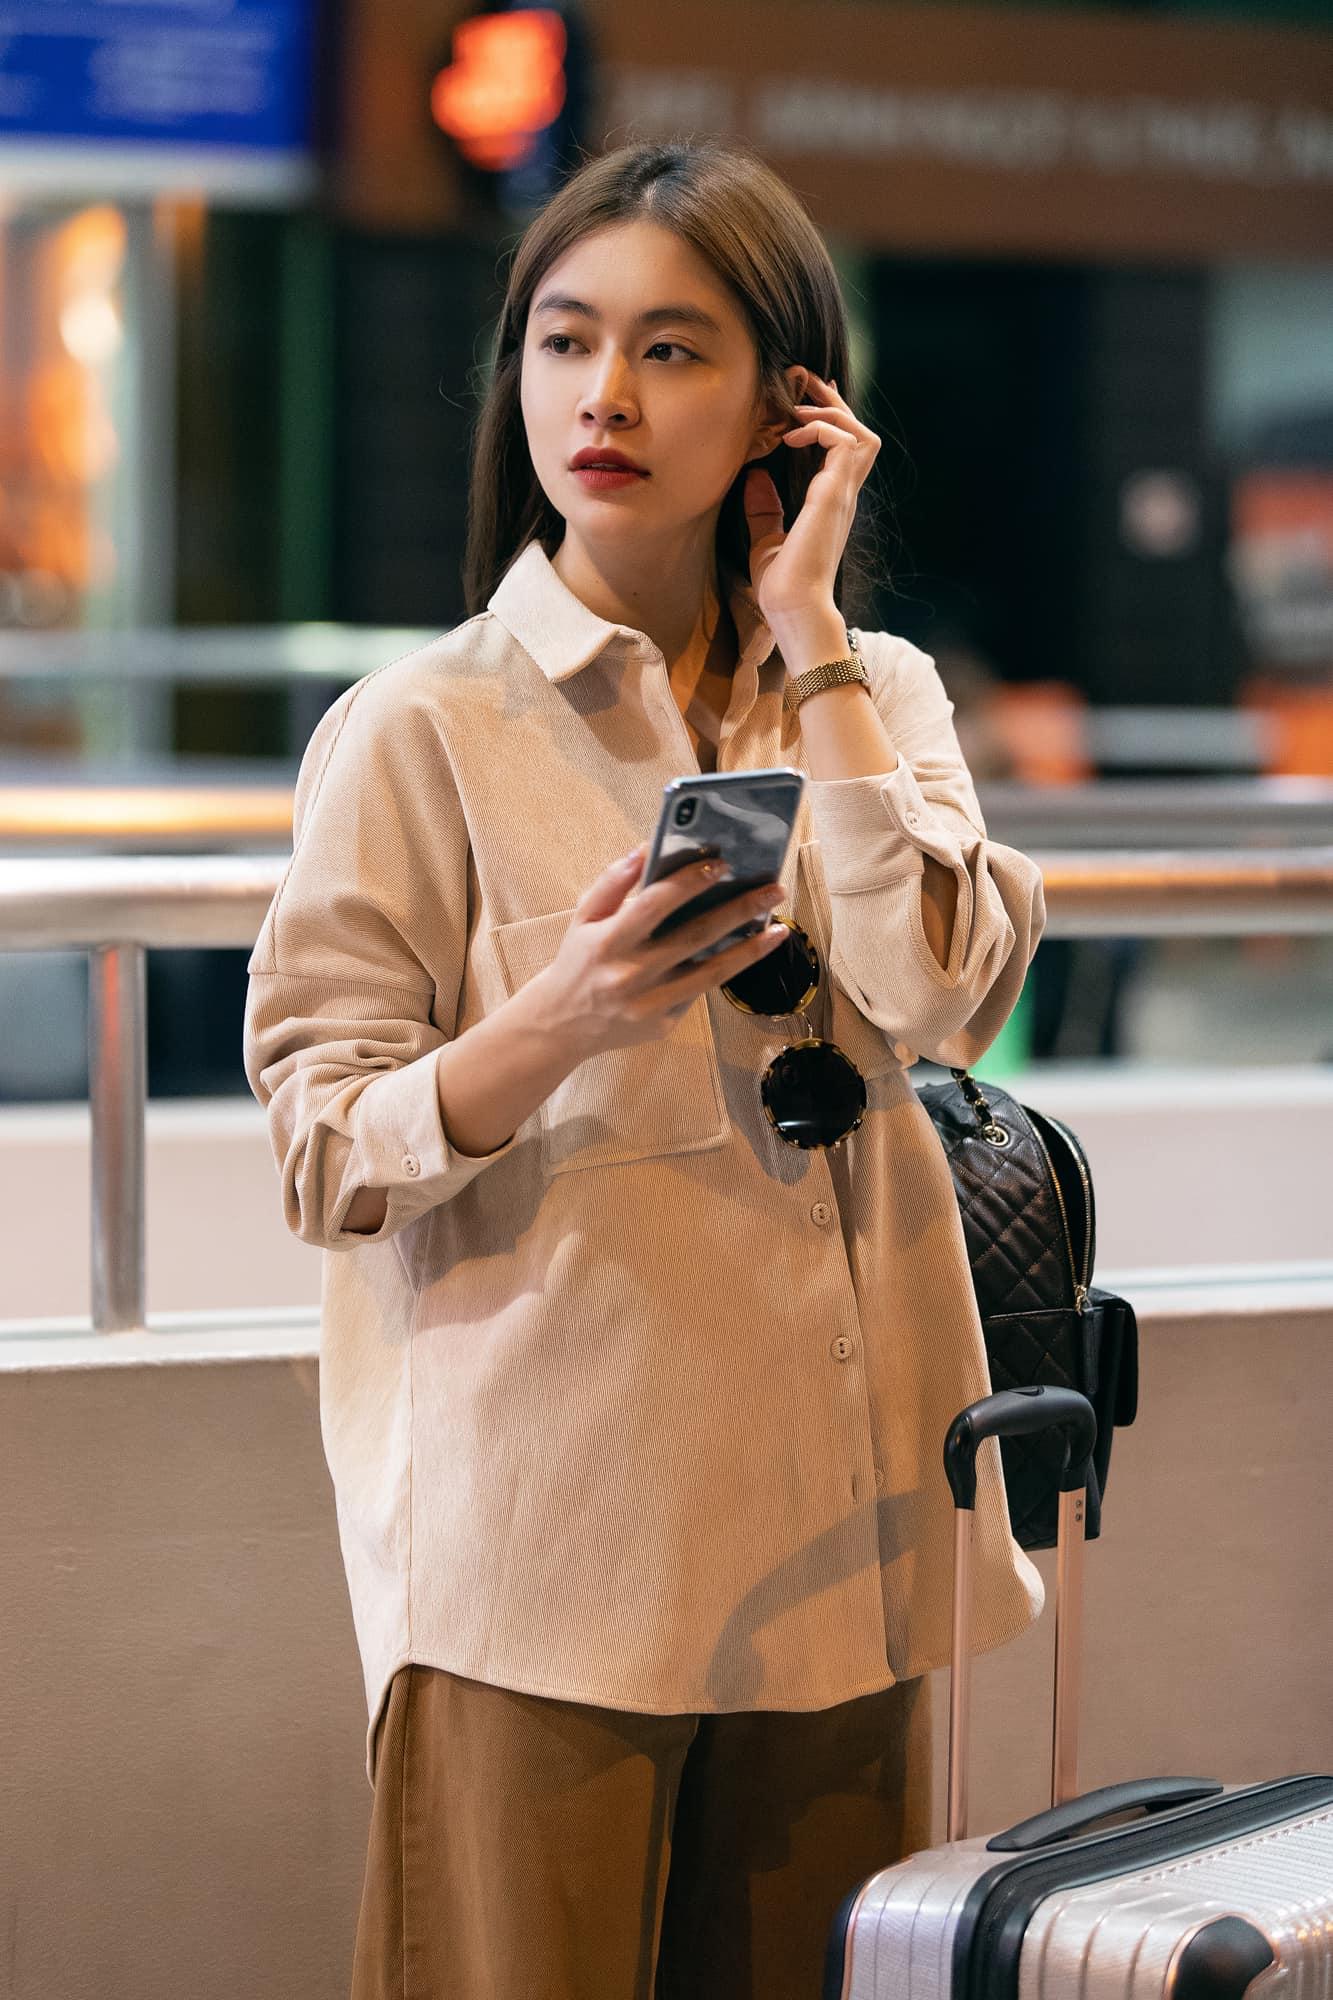 Hoàng Thuỳ Linh tiết lộ điều bất ngờ sau 10 năm vướng ồn ào lộ clip nóng